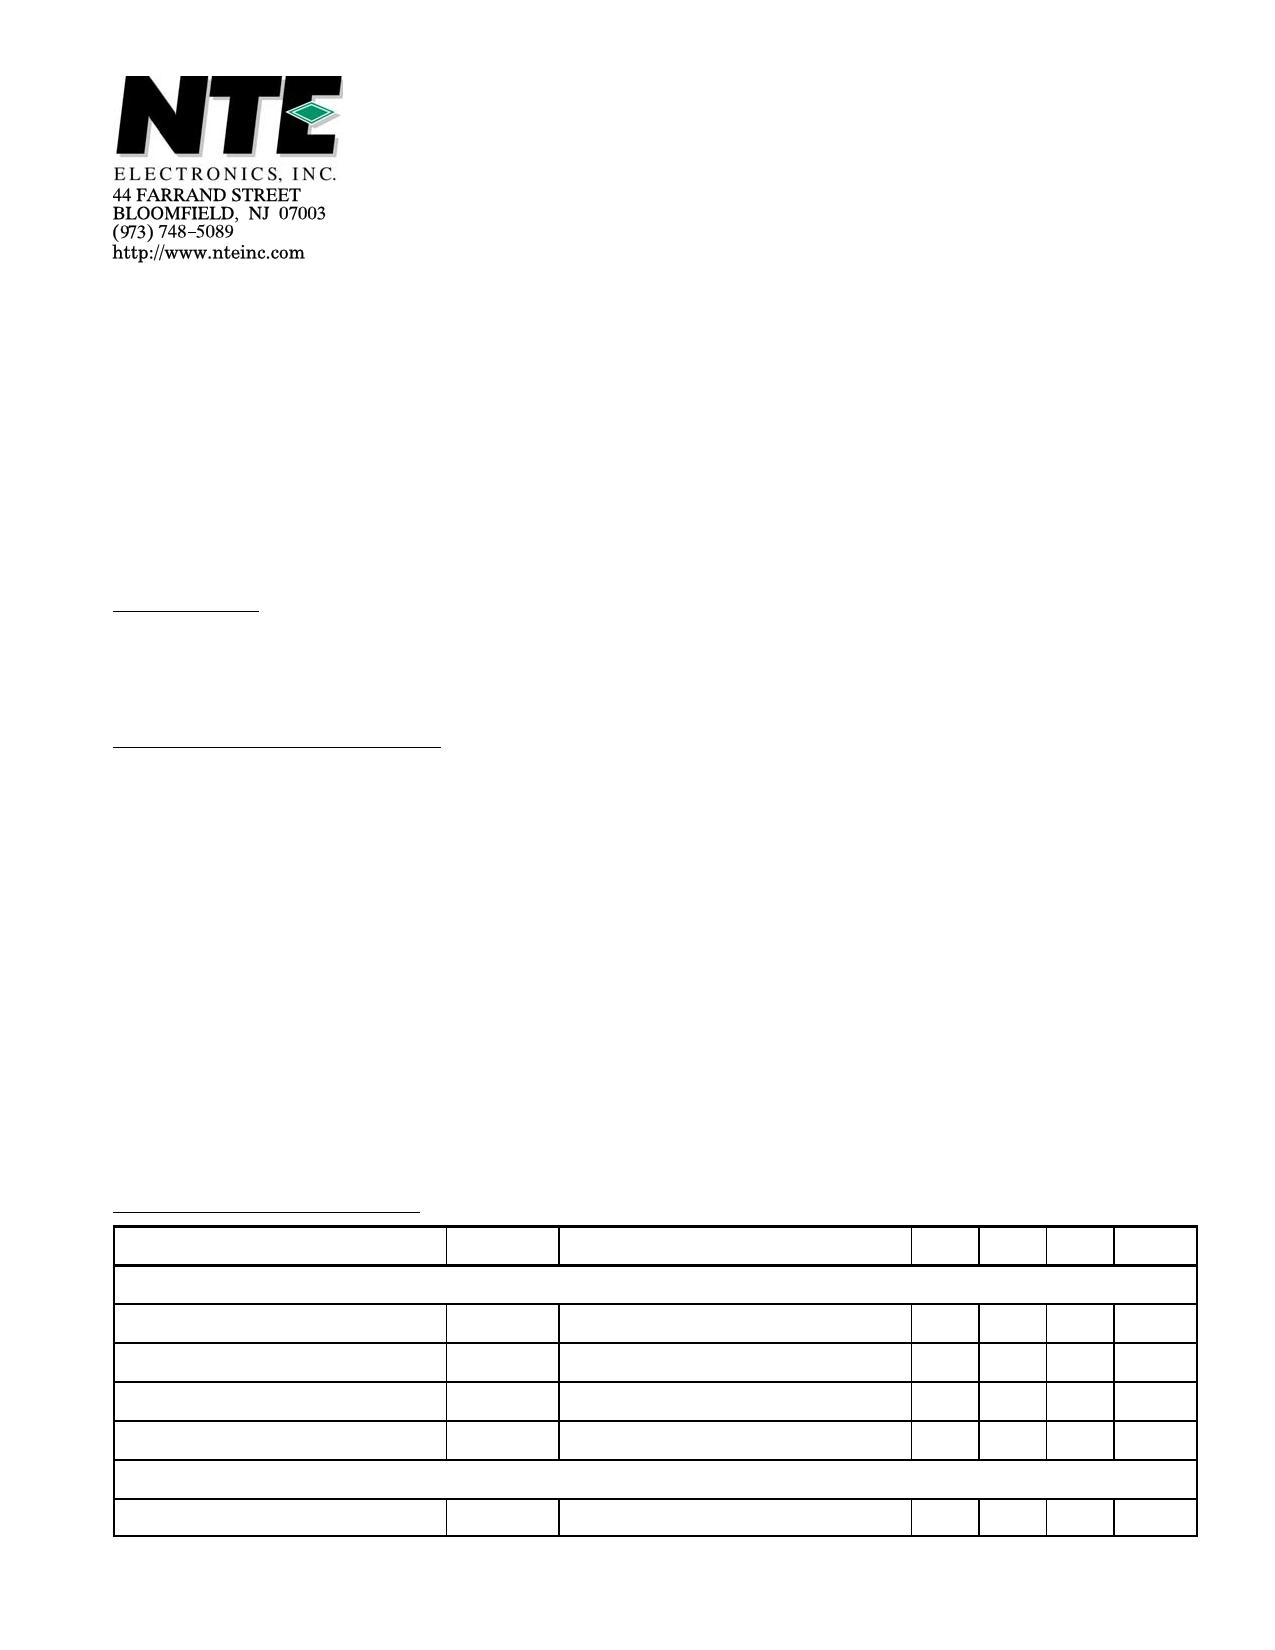 2N3819 Datasheet, 2N3819 PDF,ピン配置, 機能